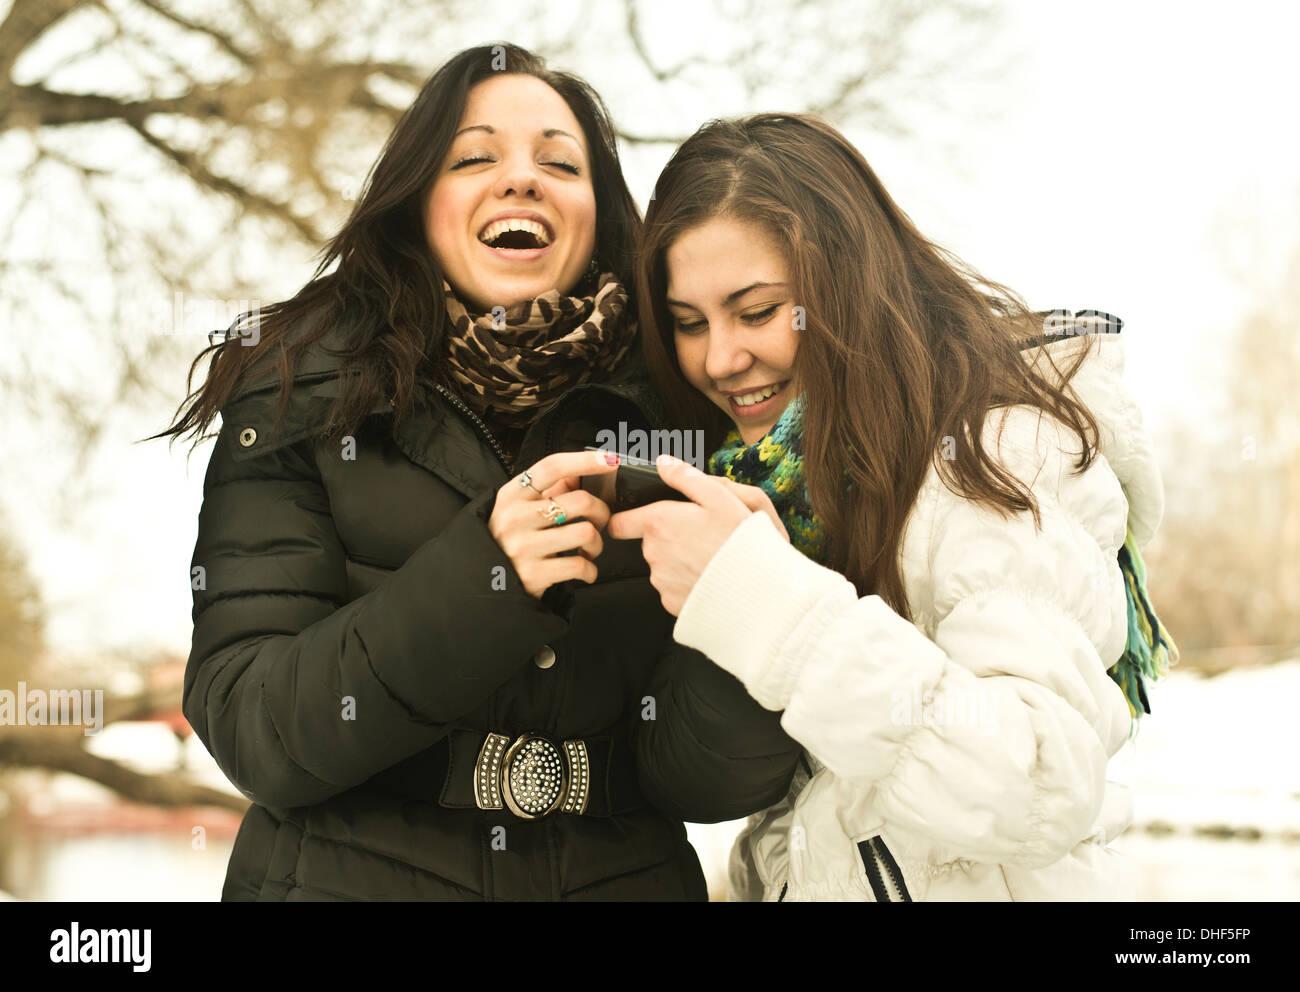 Dos jóvenes mujeres riendo en un teléfono móvil en el parque en invierno Imagen De Stock